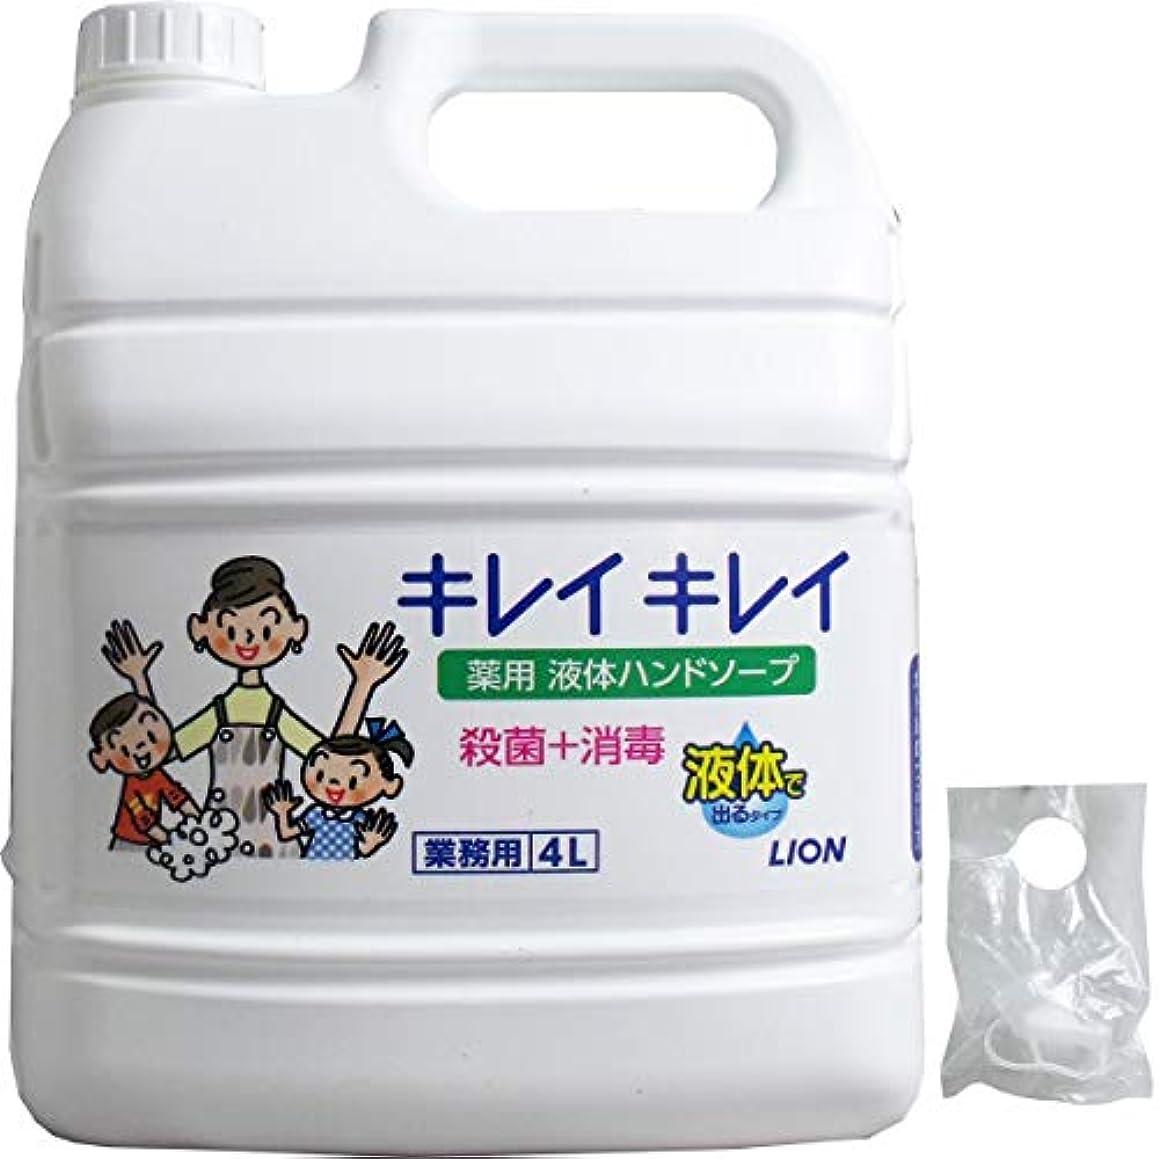 収束全滅させる夕食を食べる業務用 キレイキレイ 薬用ハンドソープ 4L(単品1個)